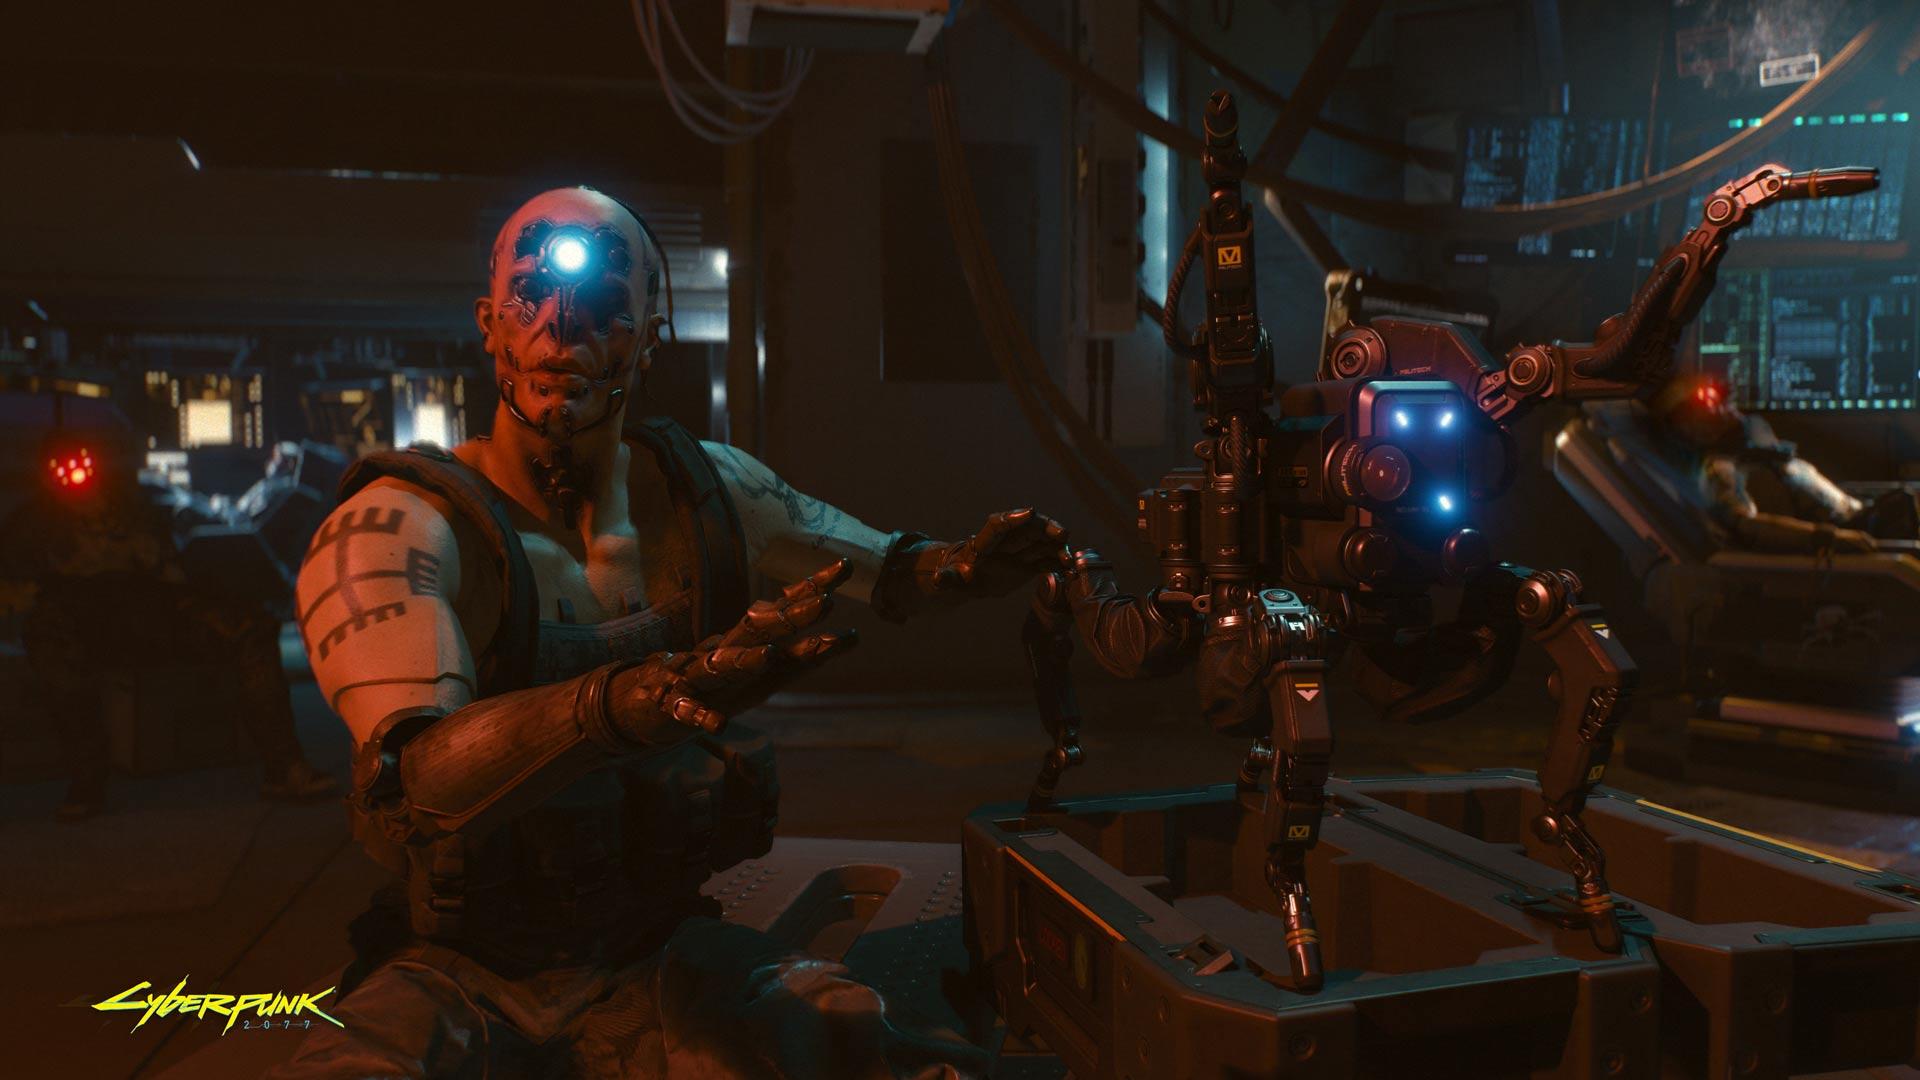 Cyberpunk 2077 Kuva 15